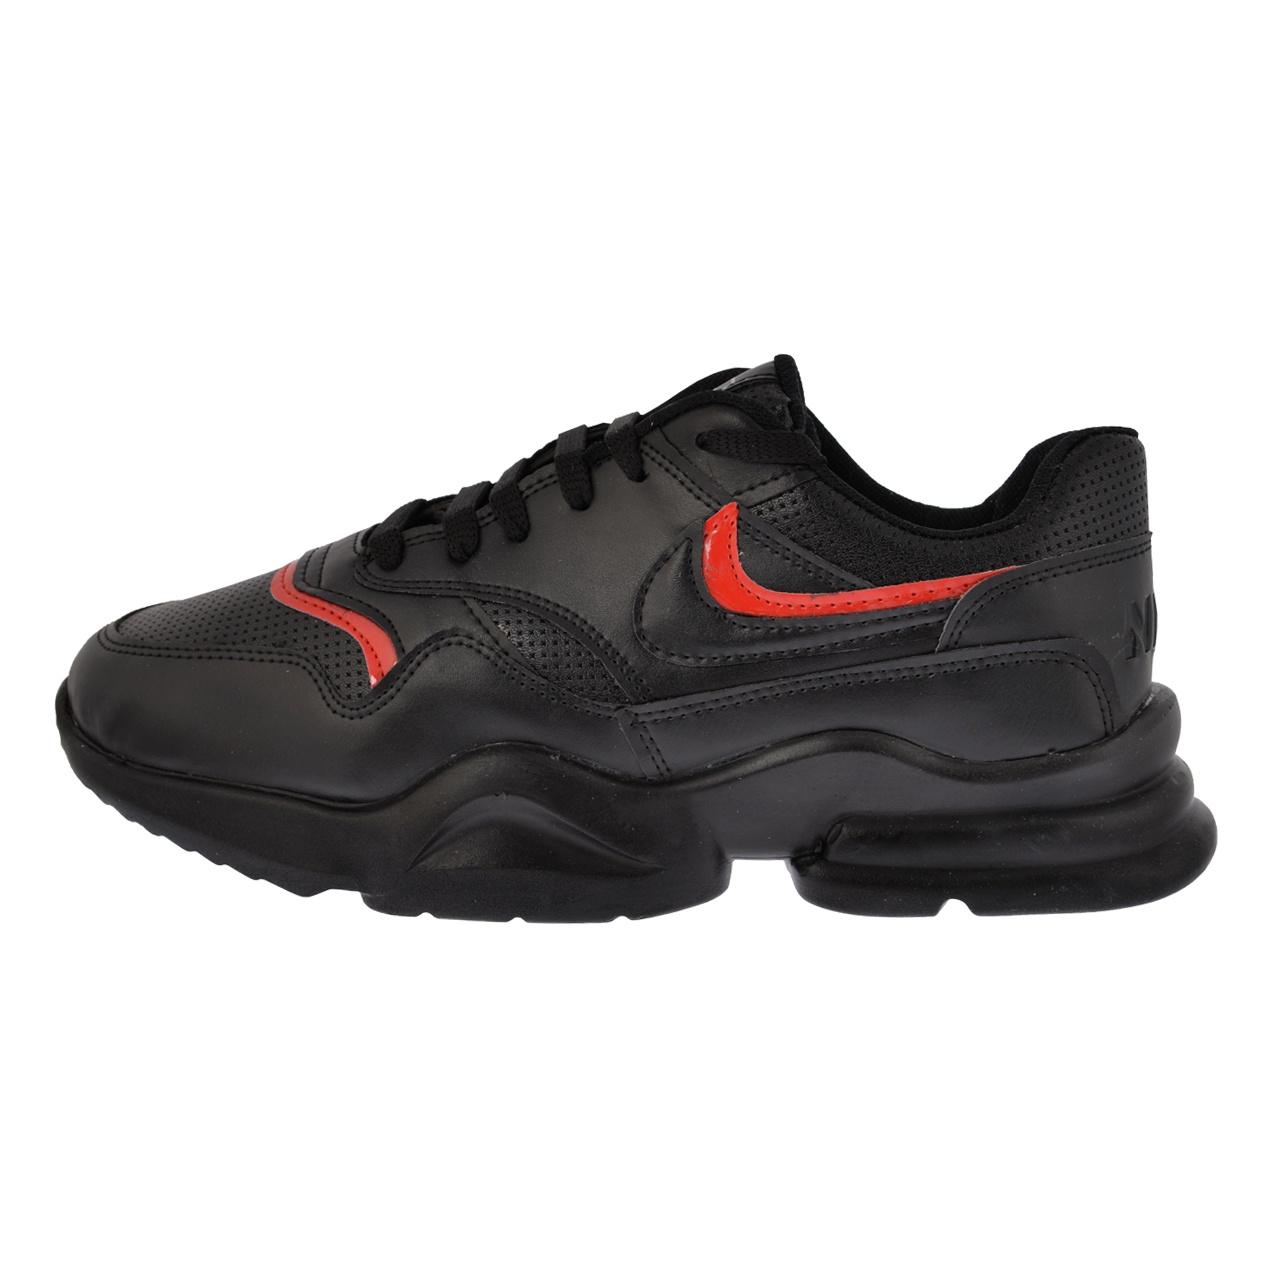 کفش راحتی مردانه کد 351003305